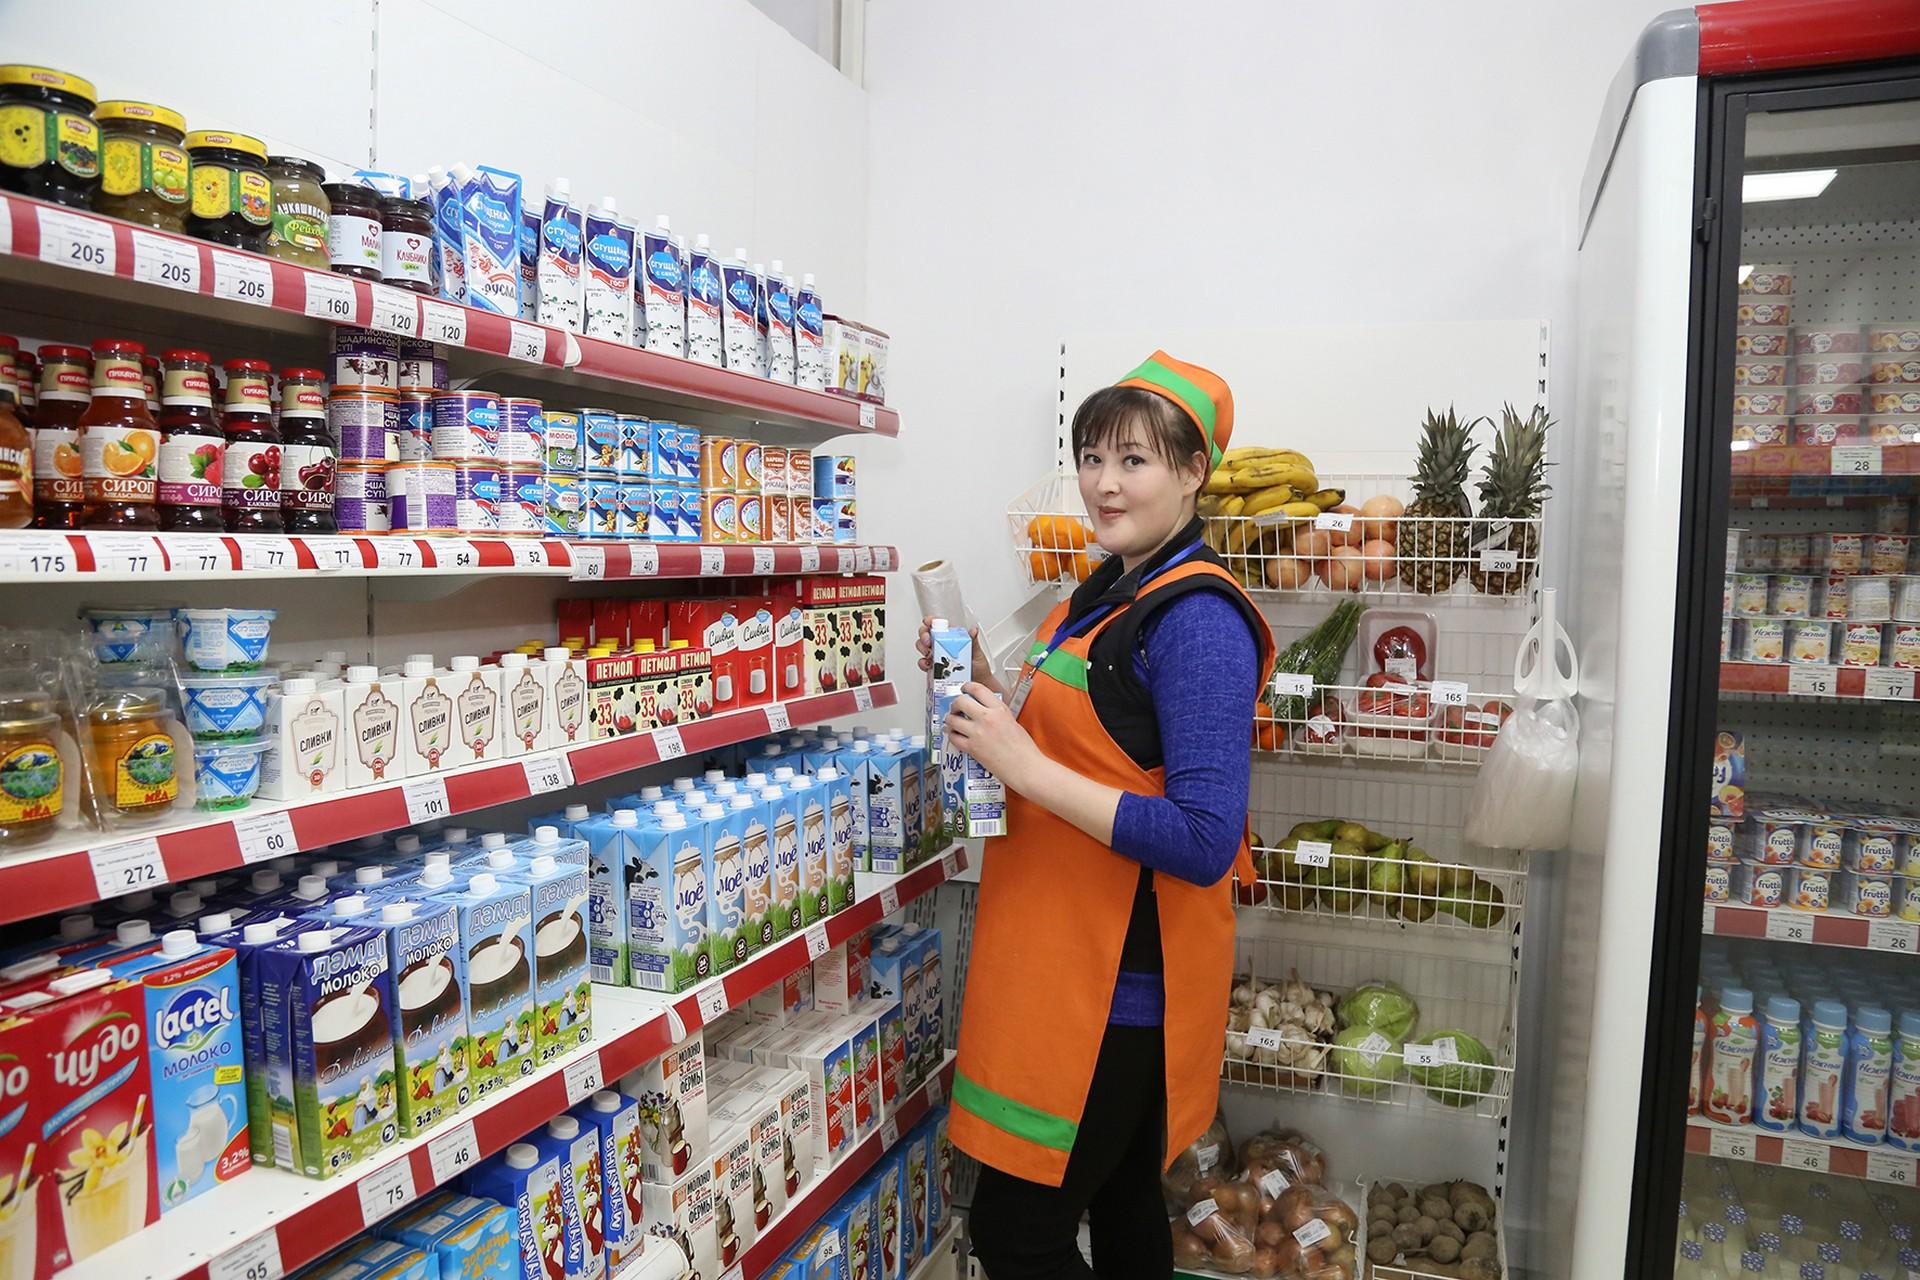 В магазинах города проведен еженедельный мониторинг цен на социально значимые продовольственные товары